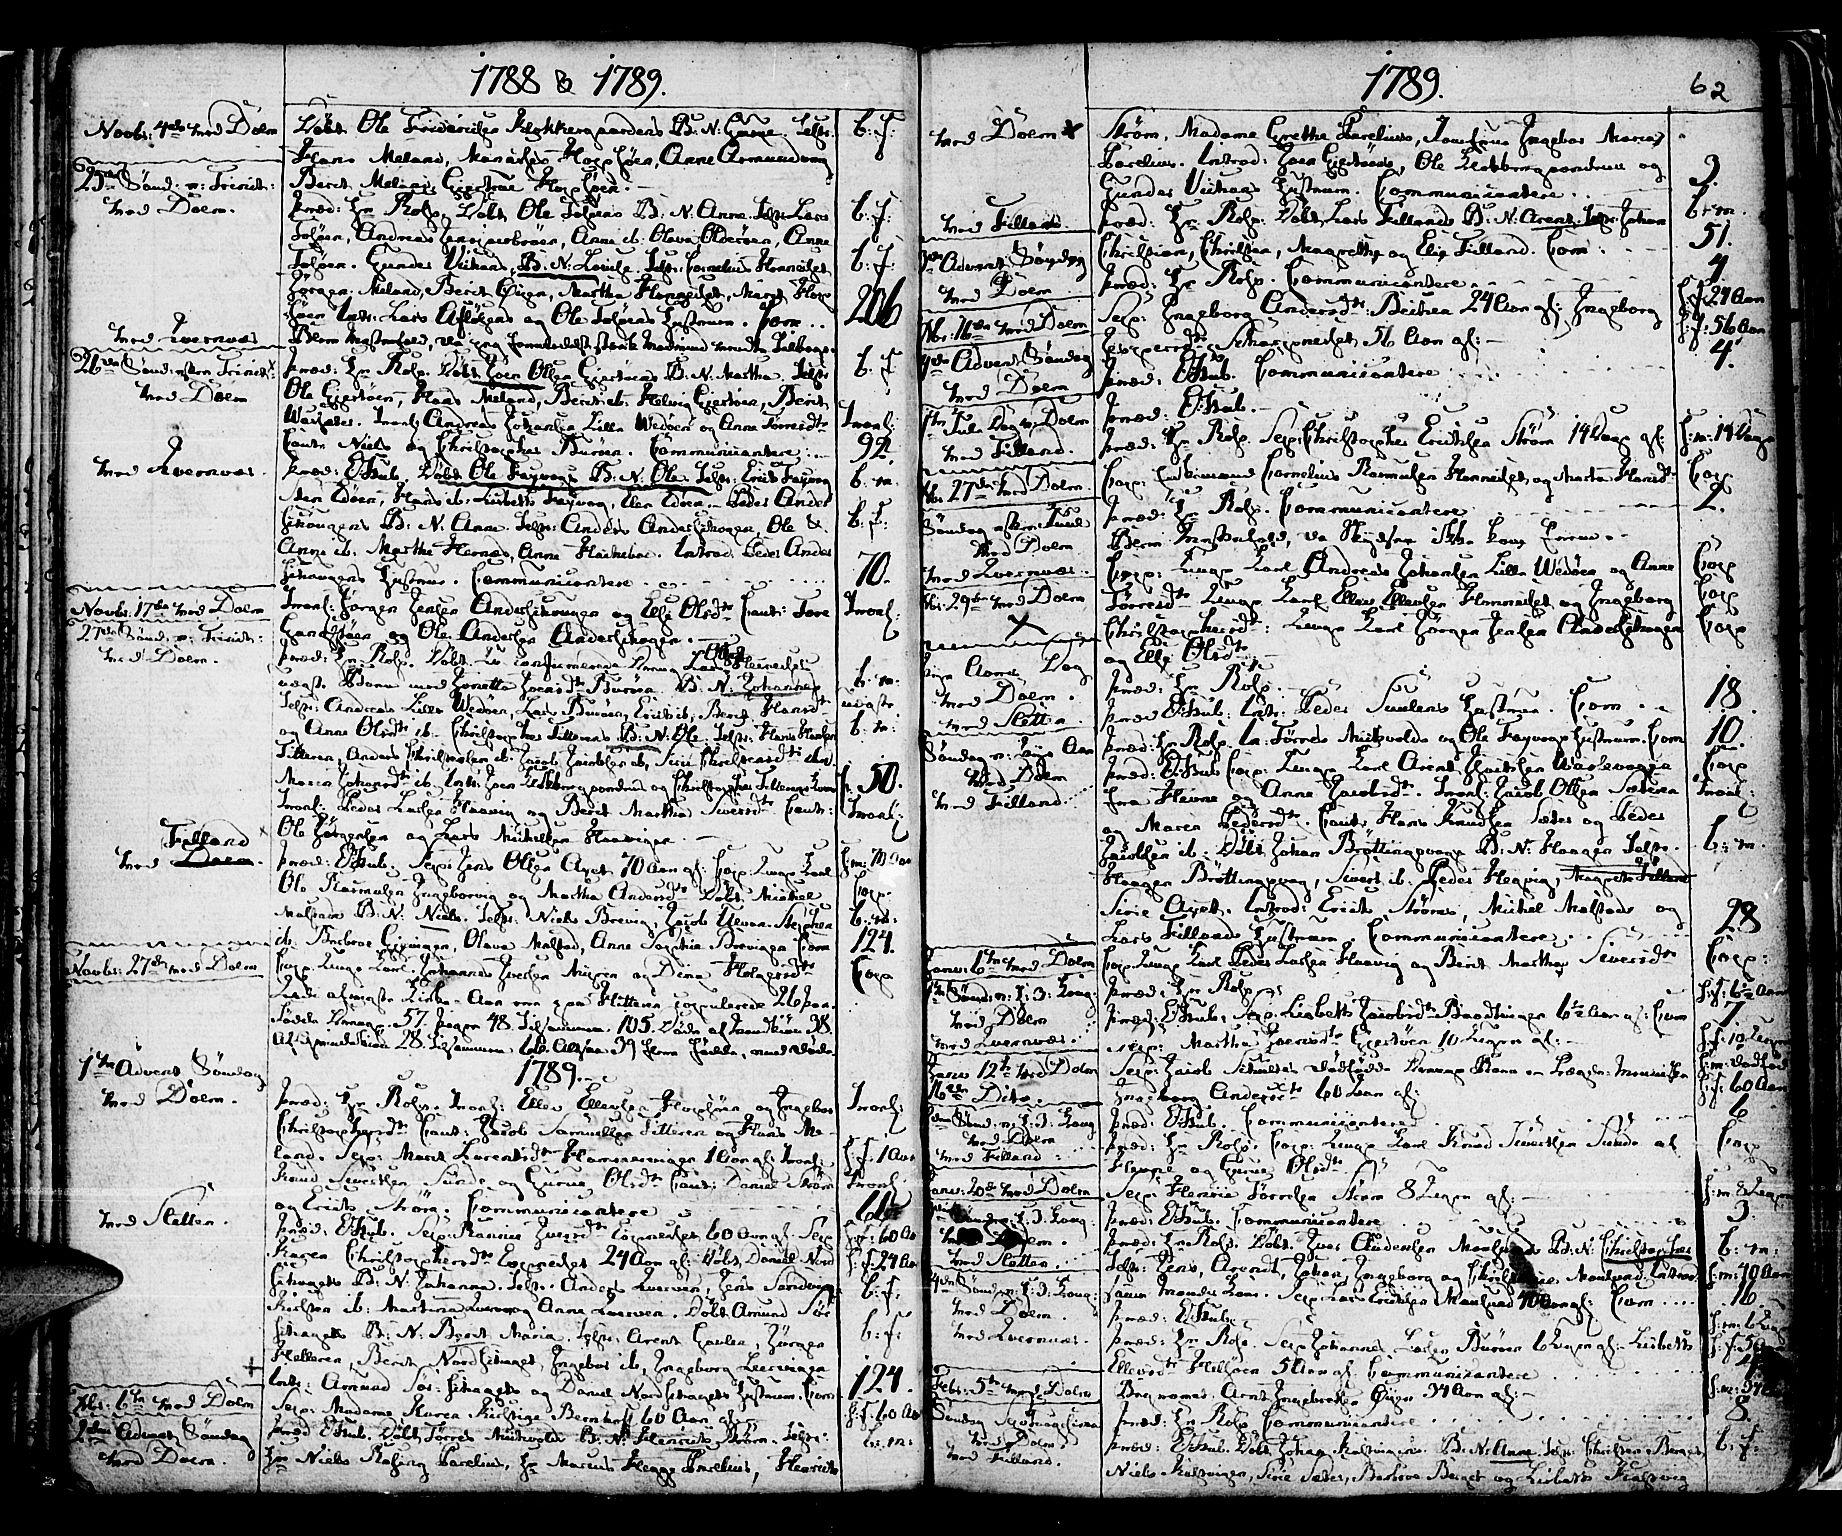 SAT, Ministerialprotokoller, klokkerbøker og fødselsregistre - Sør-Trøndelag, 634/L0526: Ministerialbok nr. 634A02, 1775-1818, s. 62